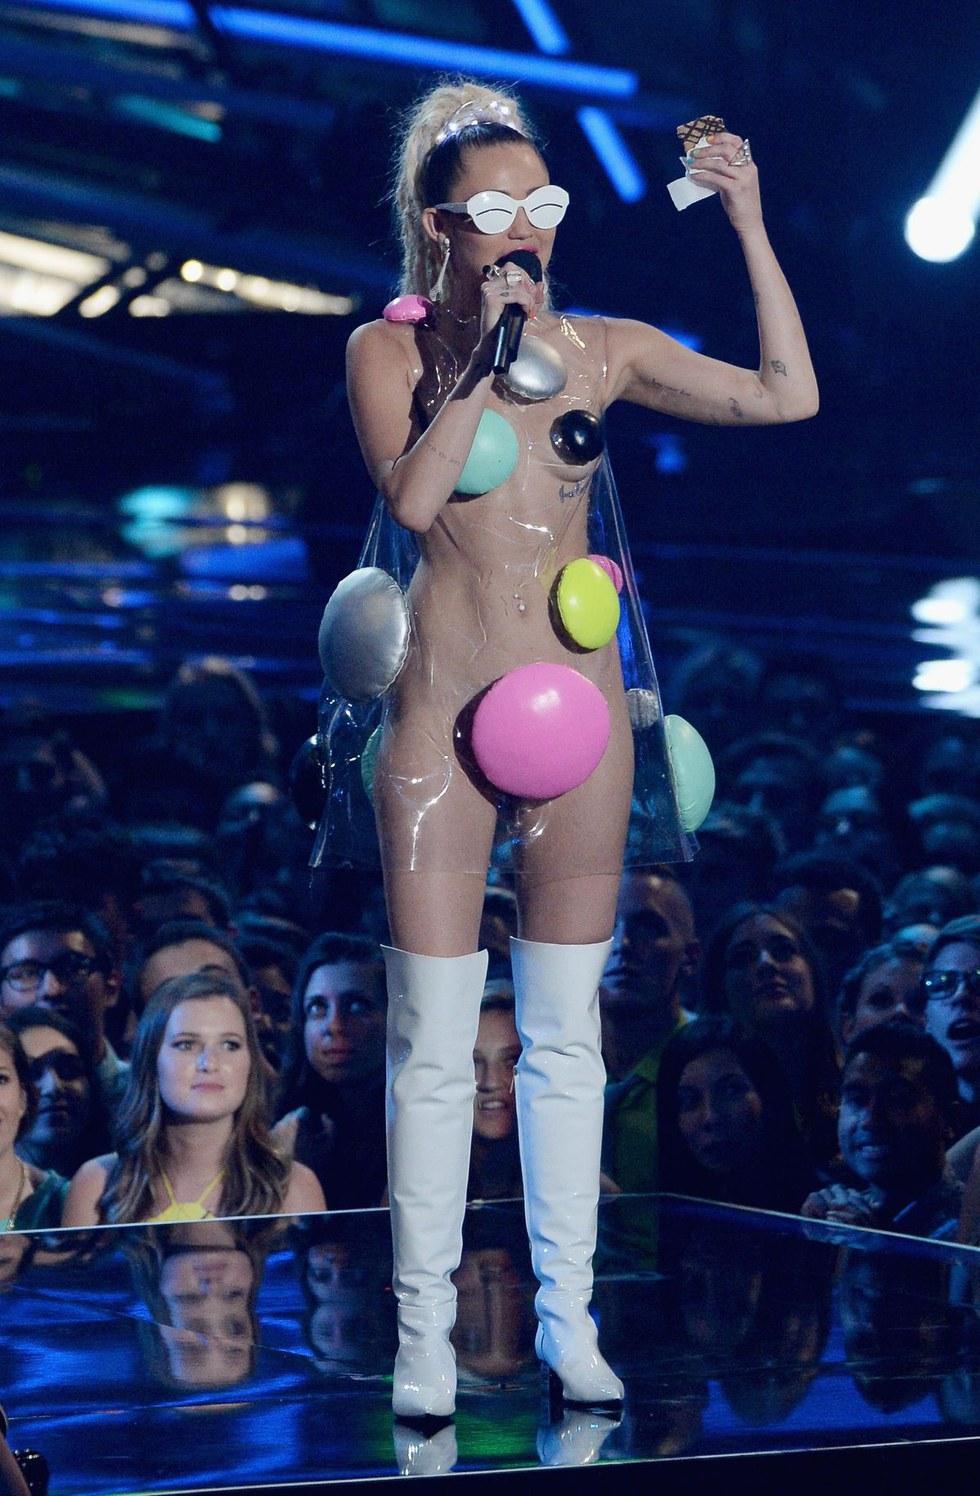 Swimsuit Naked Female Stars Tumblr Gif